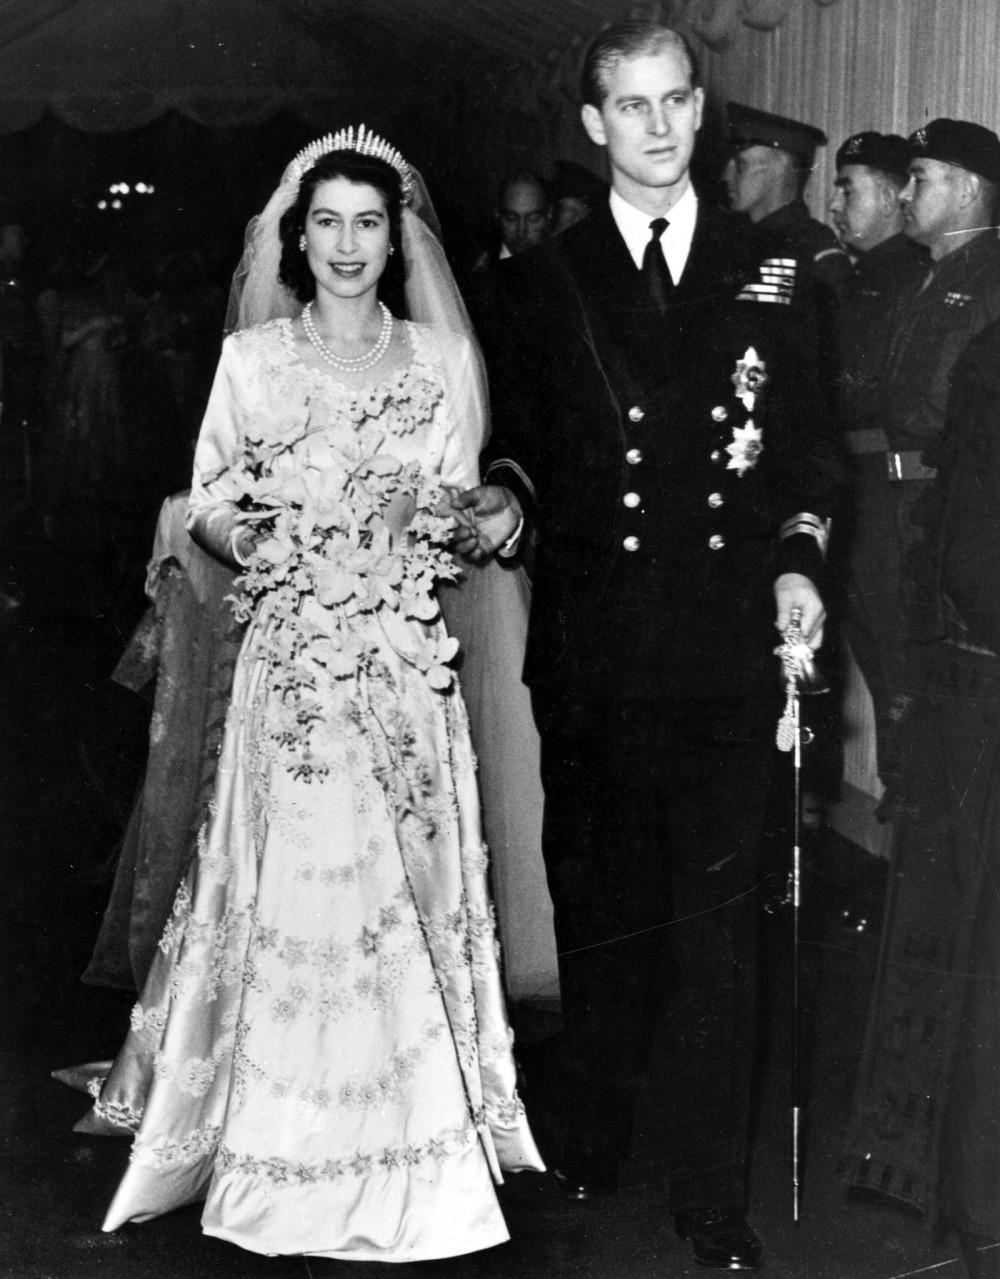 Tháng 11/1947, hôn lễ của hai người chính thức diễn ra tại Tu viện Westminster trước sự chứng kiến của gần 2.000 quan khách. Ít ai biết rằng, để lấy Nữ hoàng Elizabeth II, Hoàng thân Philip đã từ bỏ tước vị hoàng gia Li Lạp, chấp nhận làm thị vệ để được ở bên cạnh người phụ nữ mà ông thầm thương trộm nhớ bấy lâu.